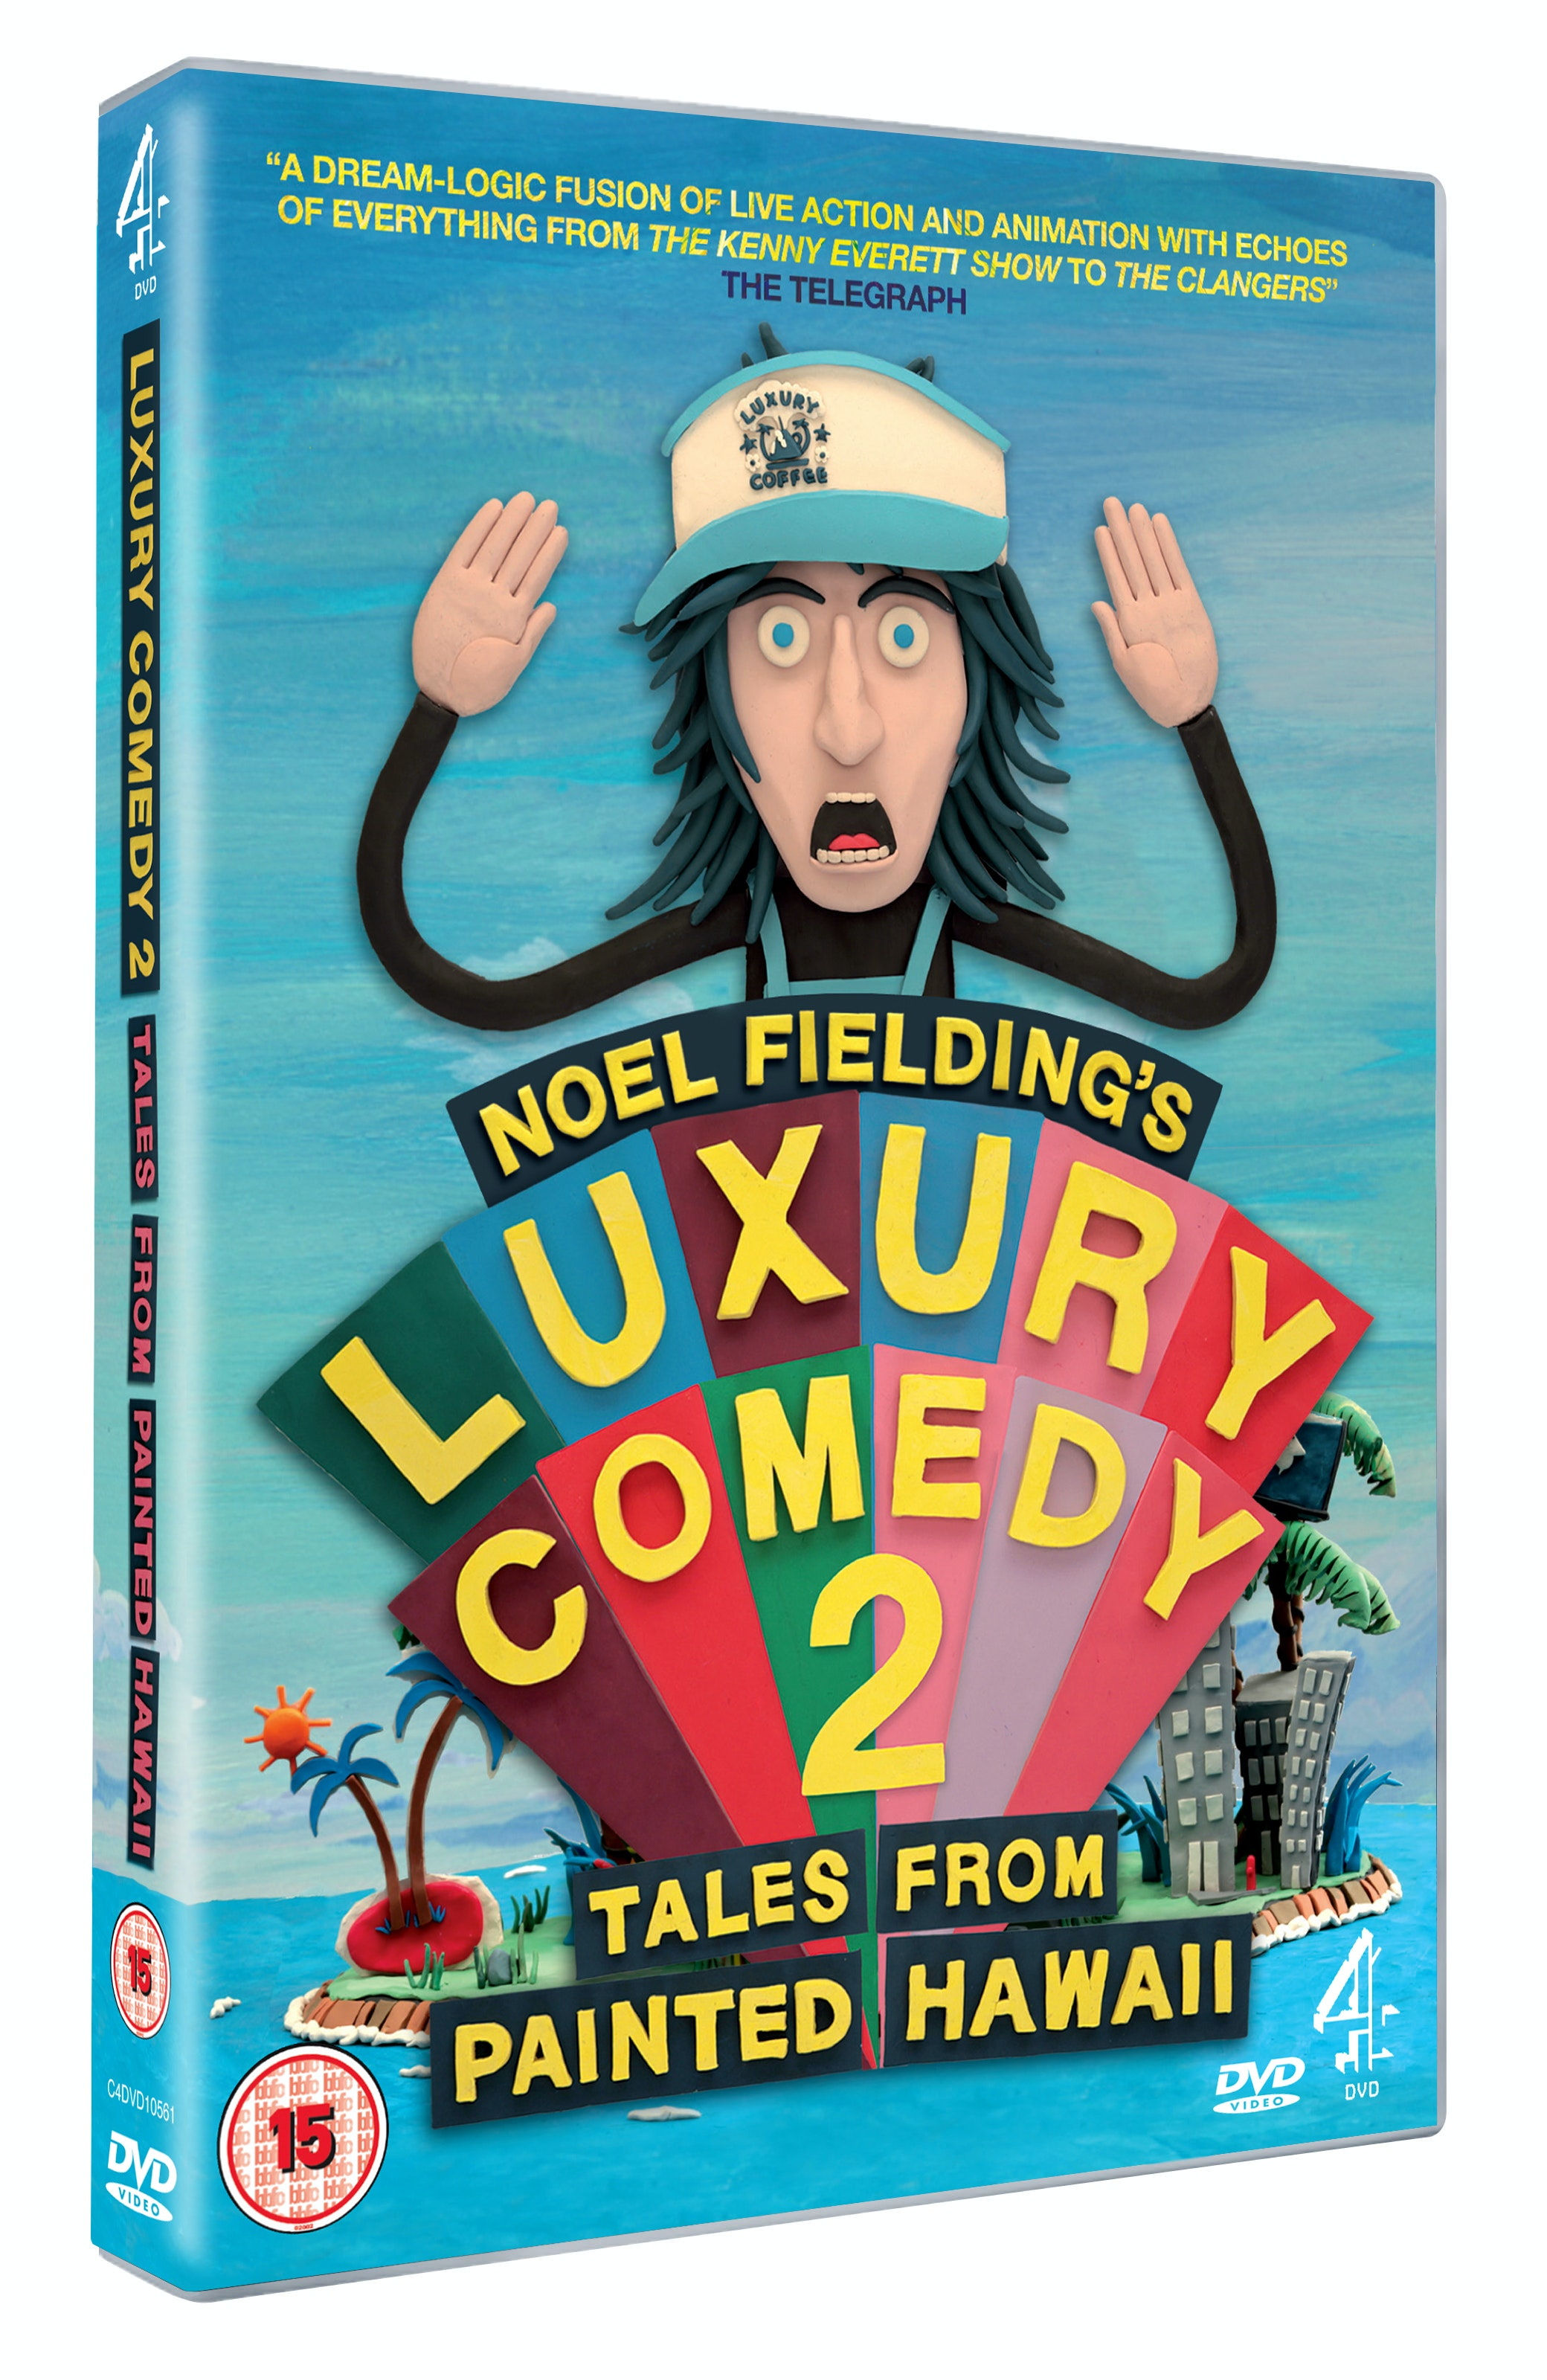 Noel Fielding's Luxury Comedy DVD sweepstakes